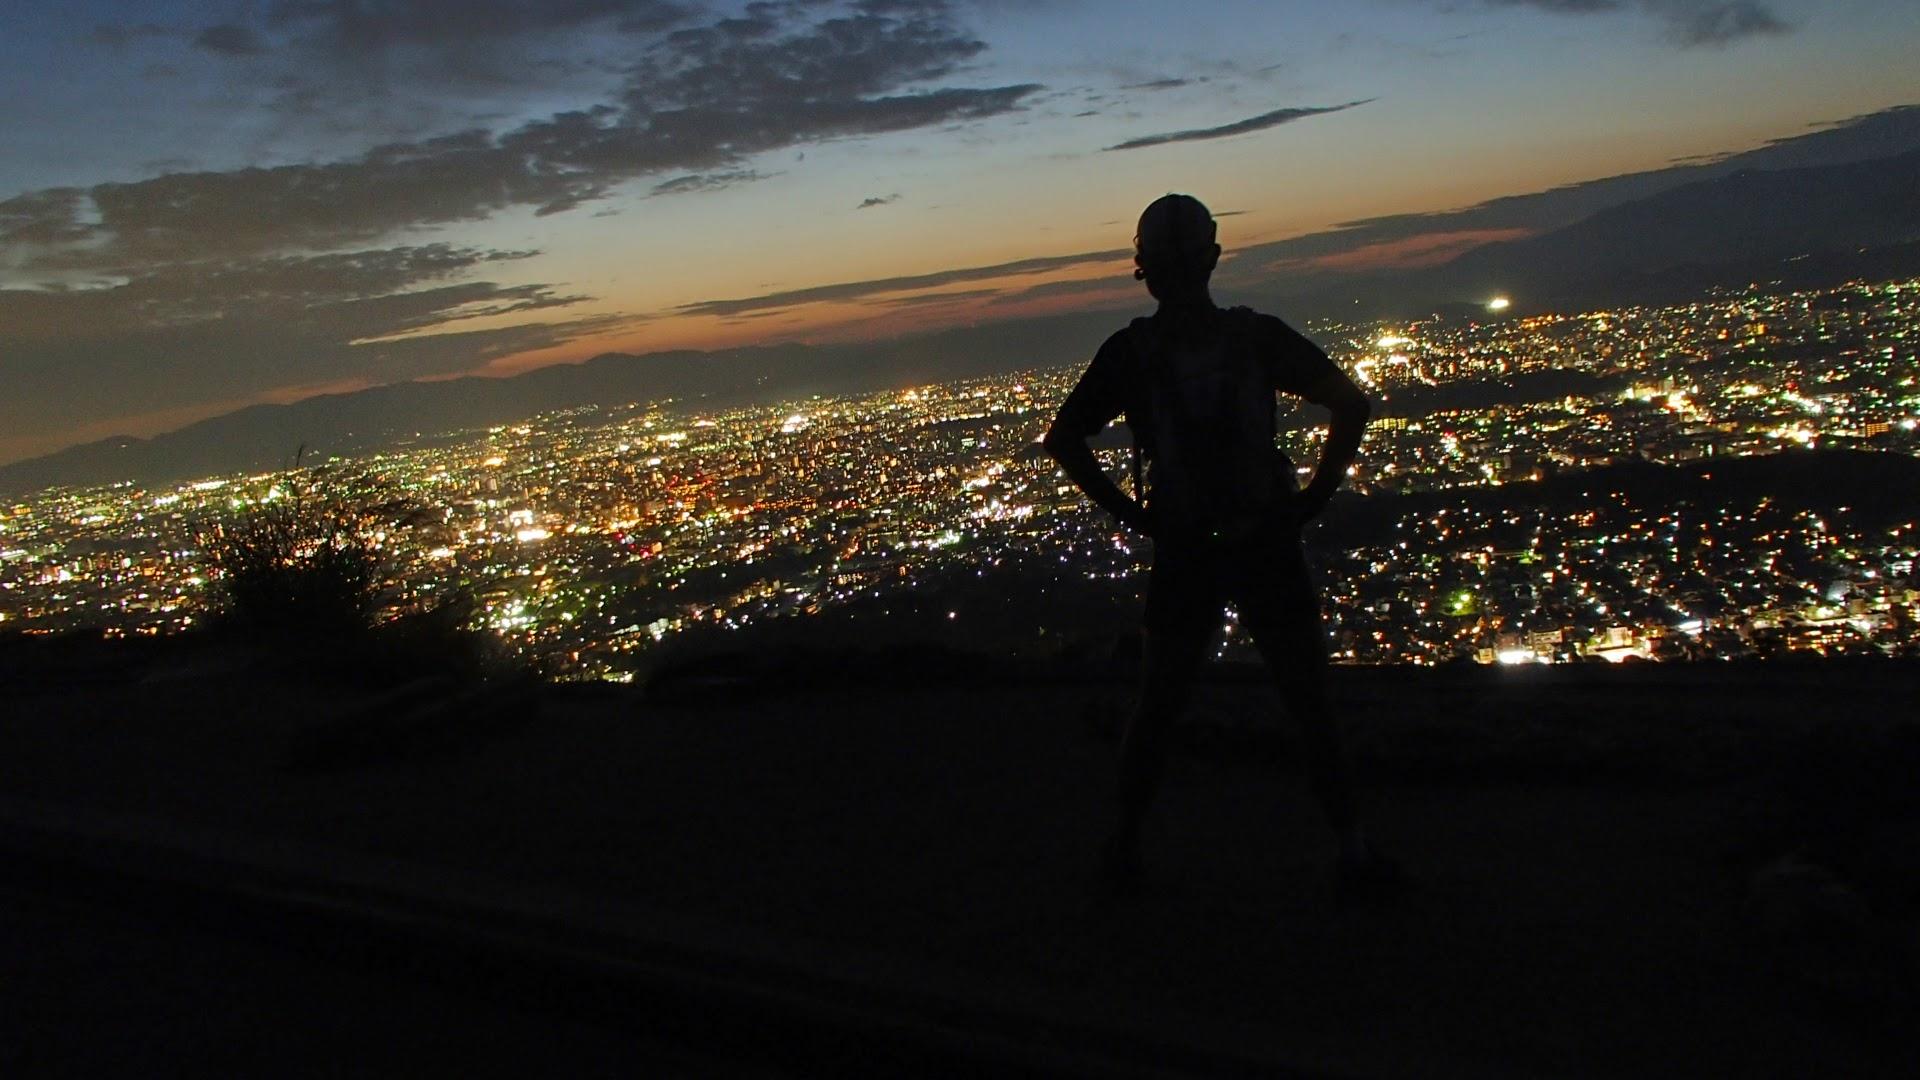 大文字山火床の夜景